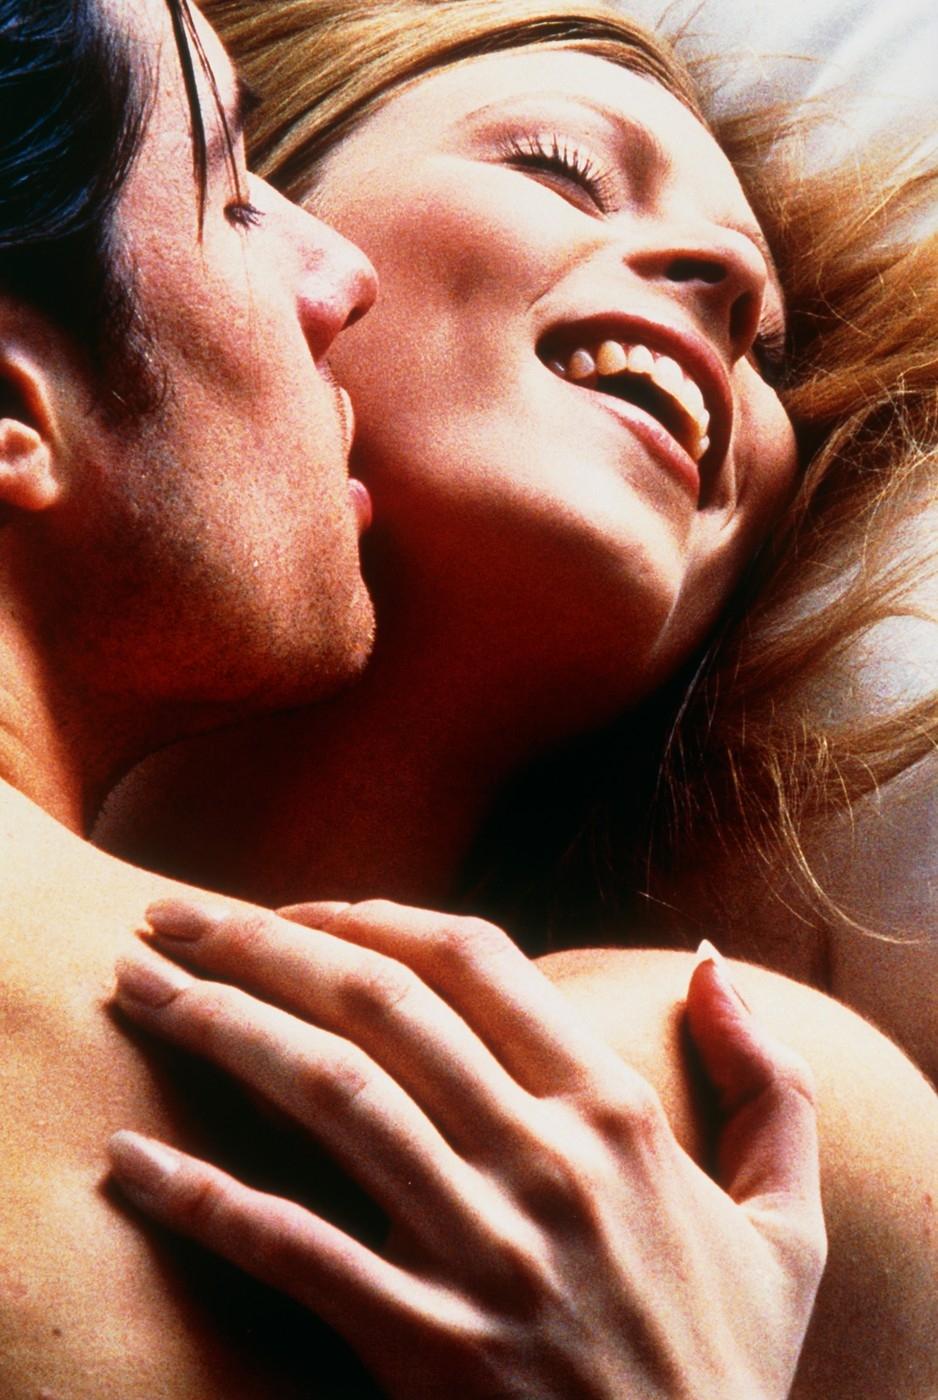 2 девки и парень - смотреть порно видео онлайн бесплатно